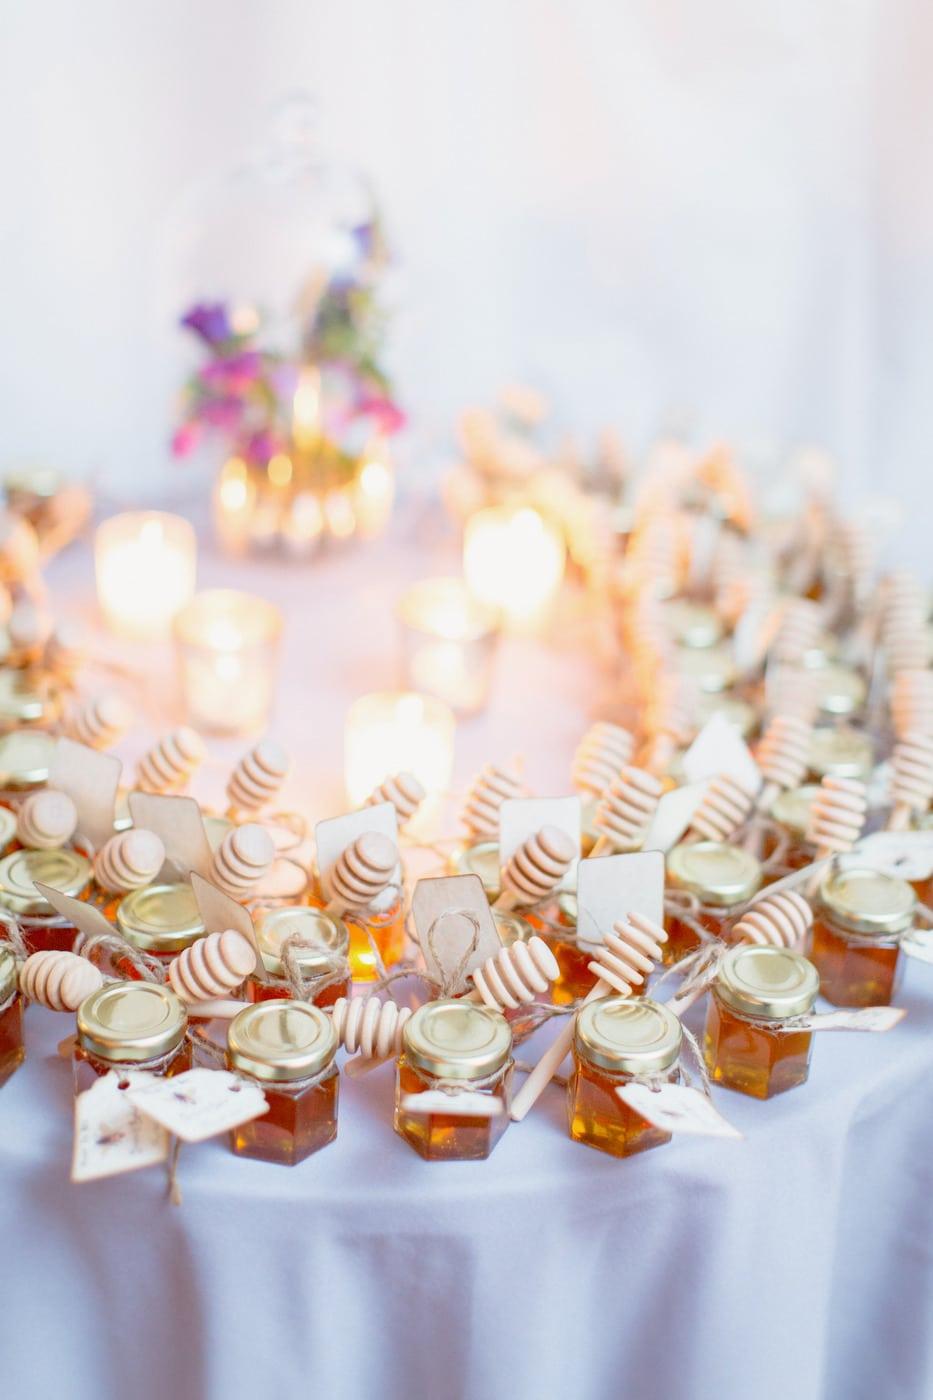 miele-bomboniera-matrimonio-display-su-tavolo